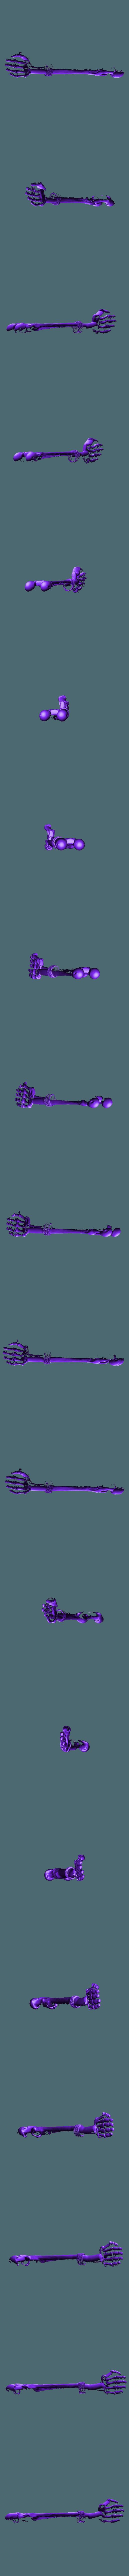 CatapultArm.stl Télécharger fichier STL gratuit Catapulte squelette mort vivant - Warmachines • Plan pour impression 3D, BigMrTong